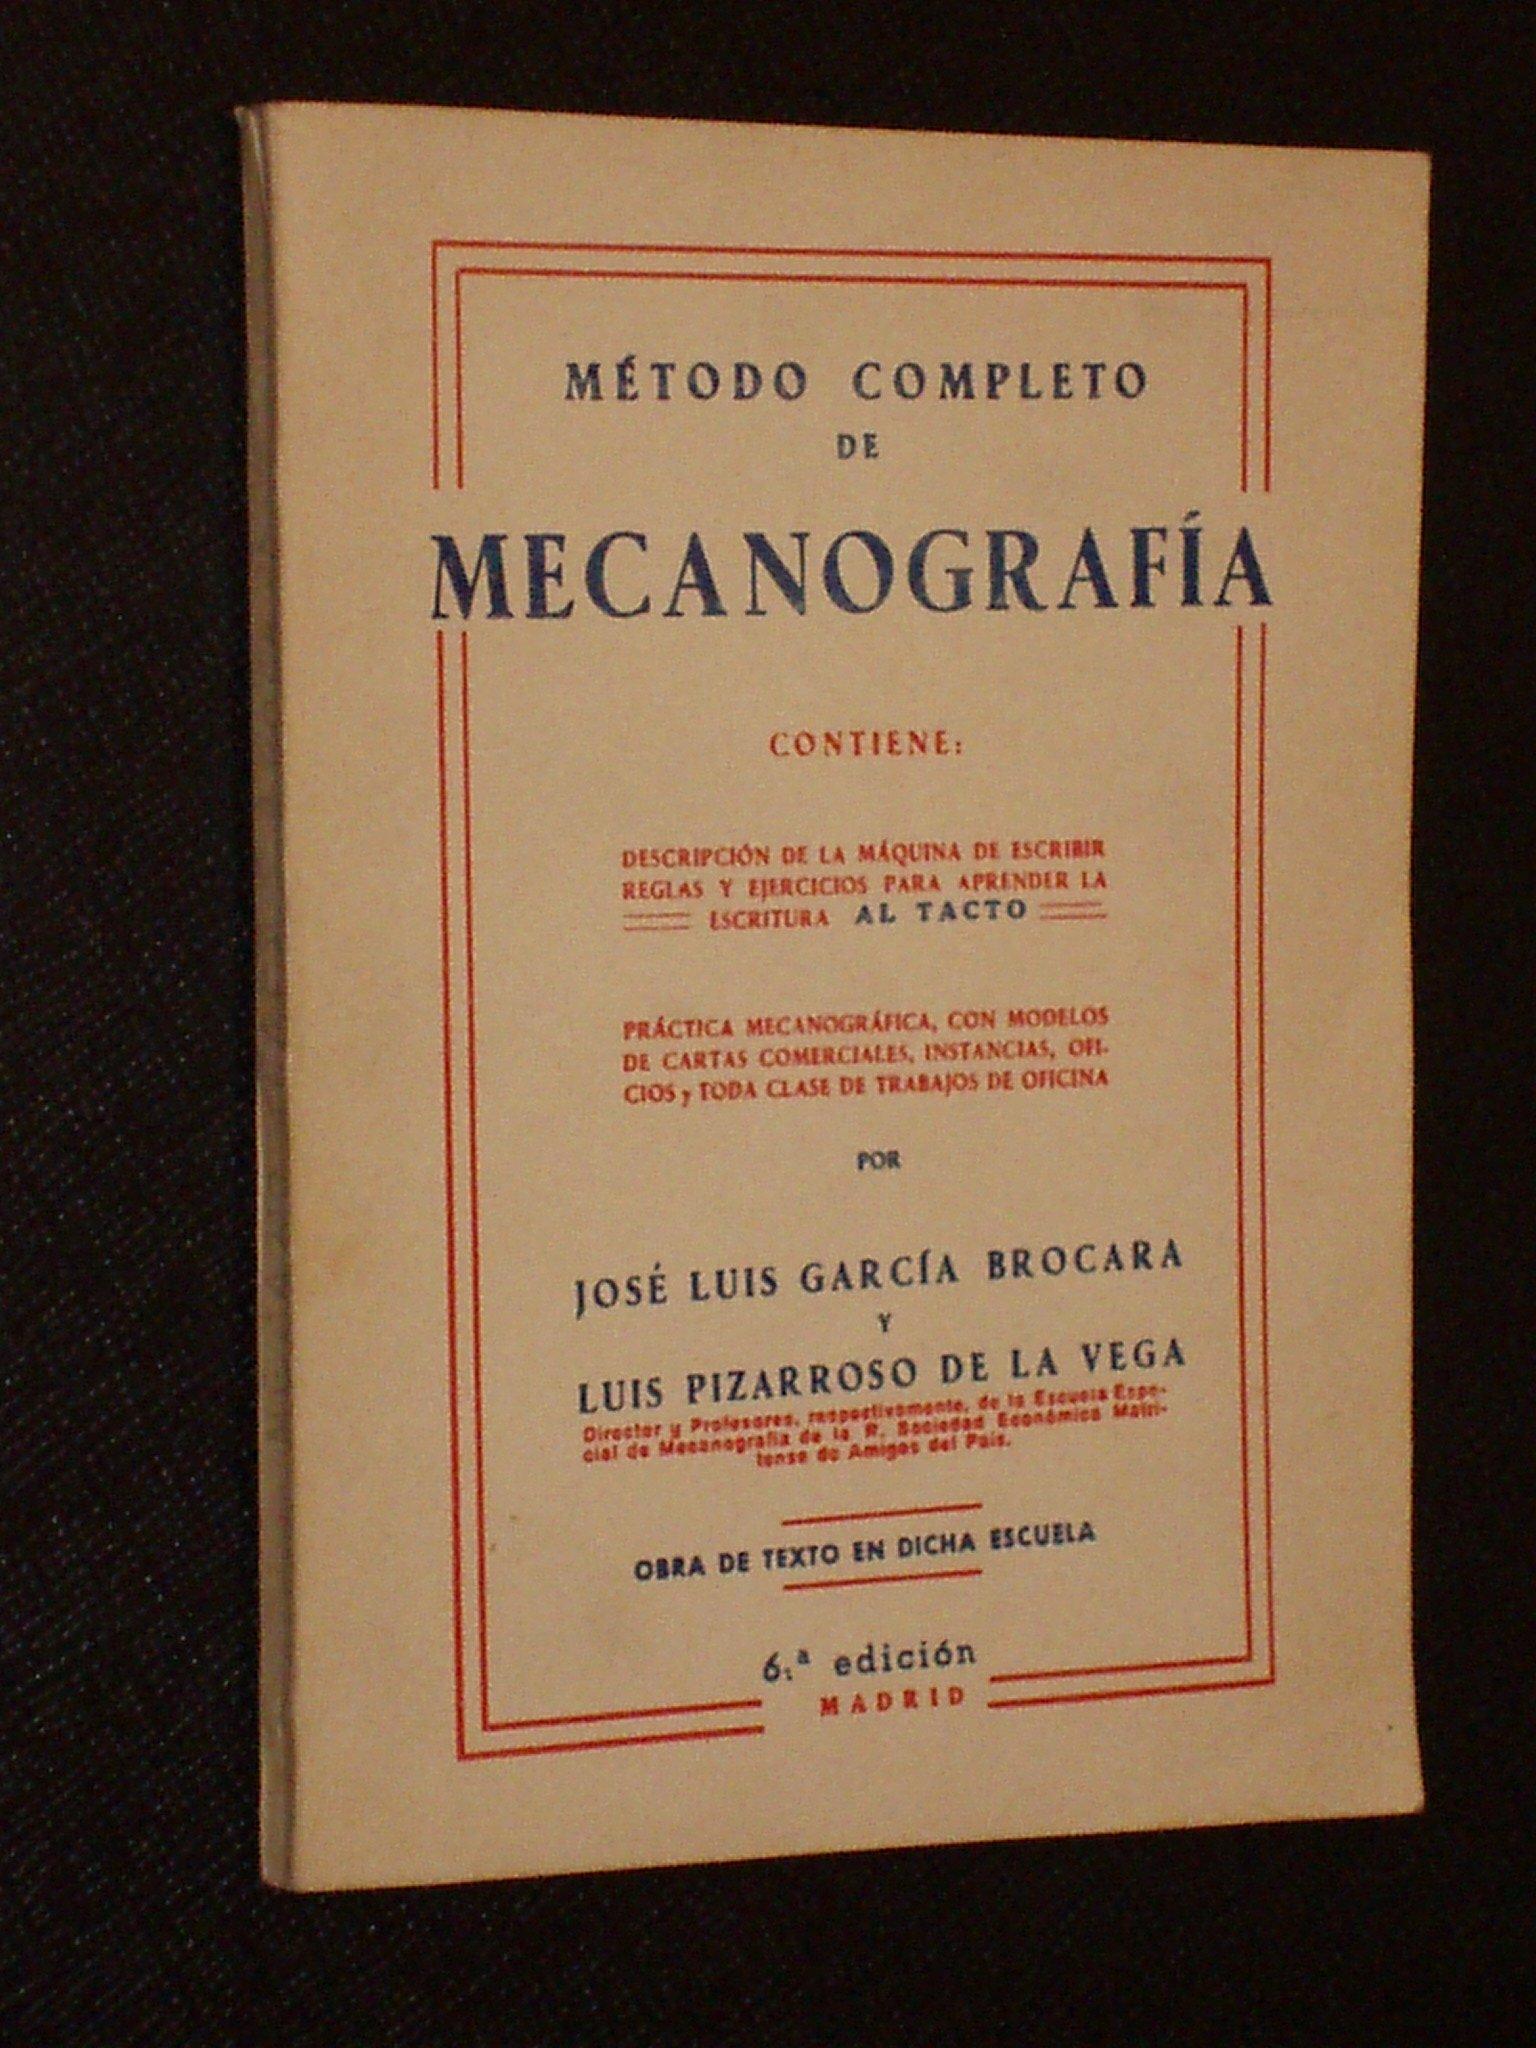 MÉTODO COMPLETO DE MECANOGRAFÍA: Amazon.es: José Luis García Brocara y Luis Pizarroso de la Vega: Libros